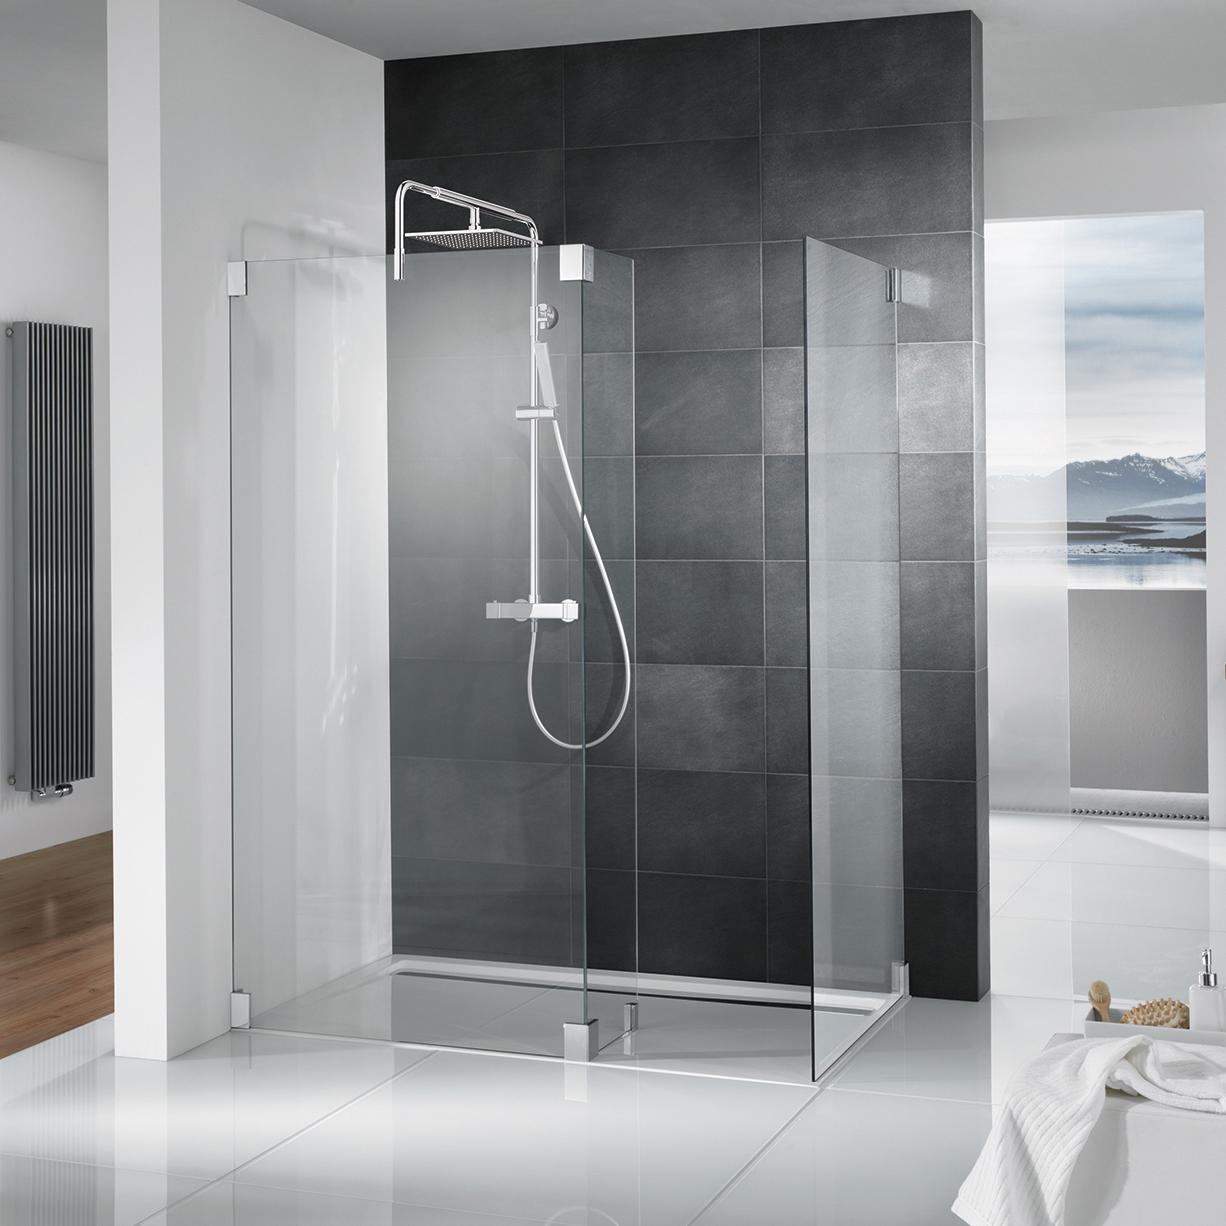 Bekannt Glasduschen und bodengleiche Duschen SC85